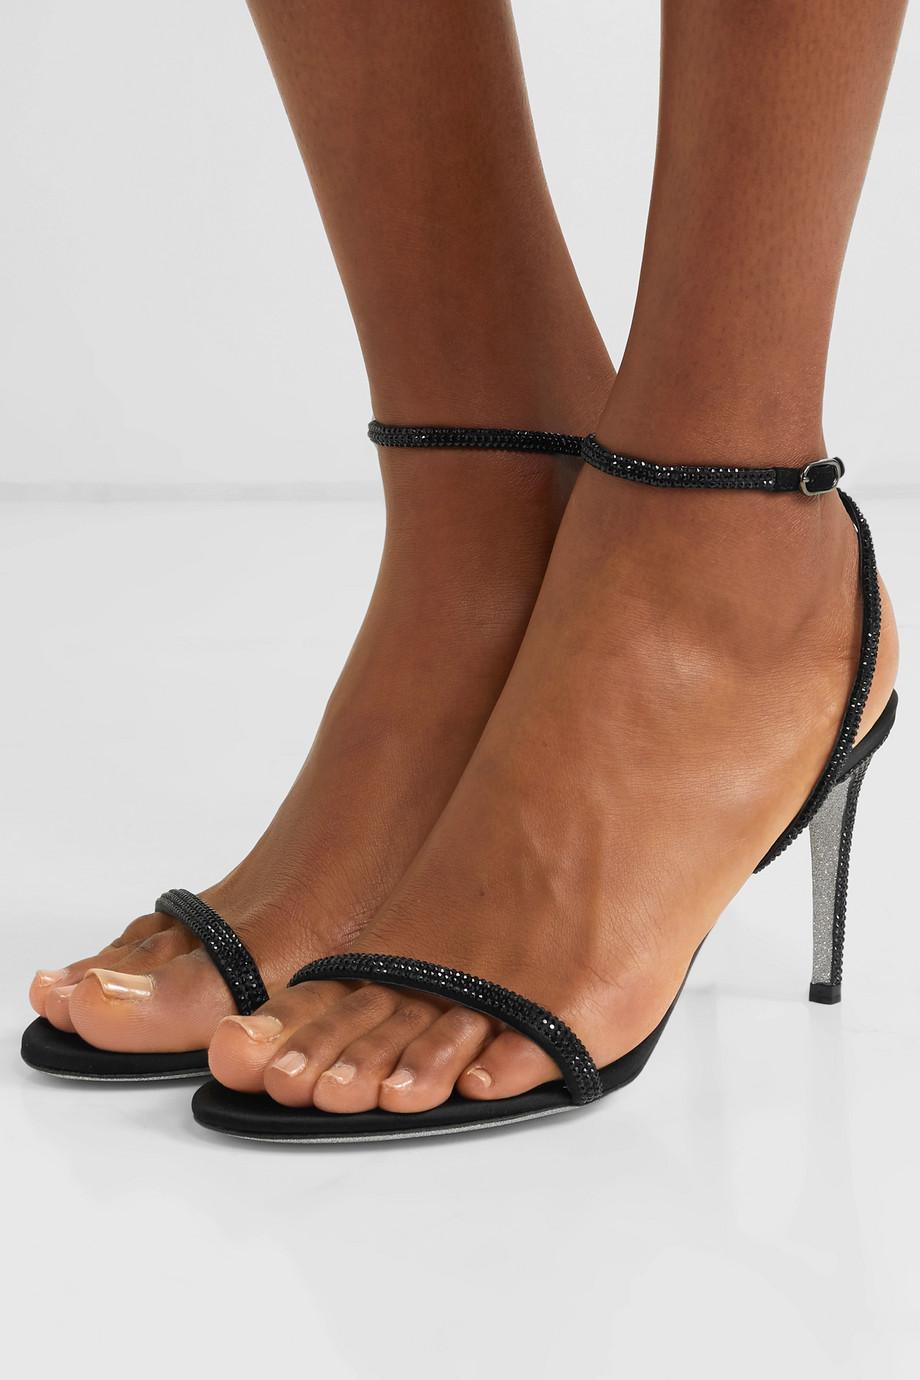 René Caovilla 水晶缀饰缎布凉鞋